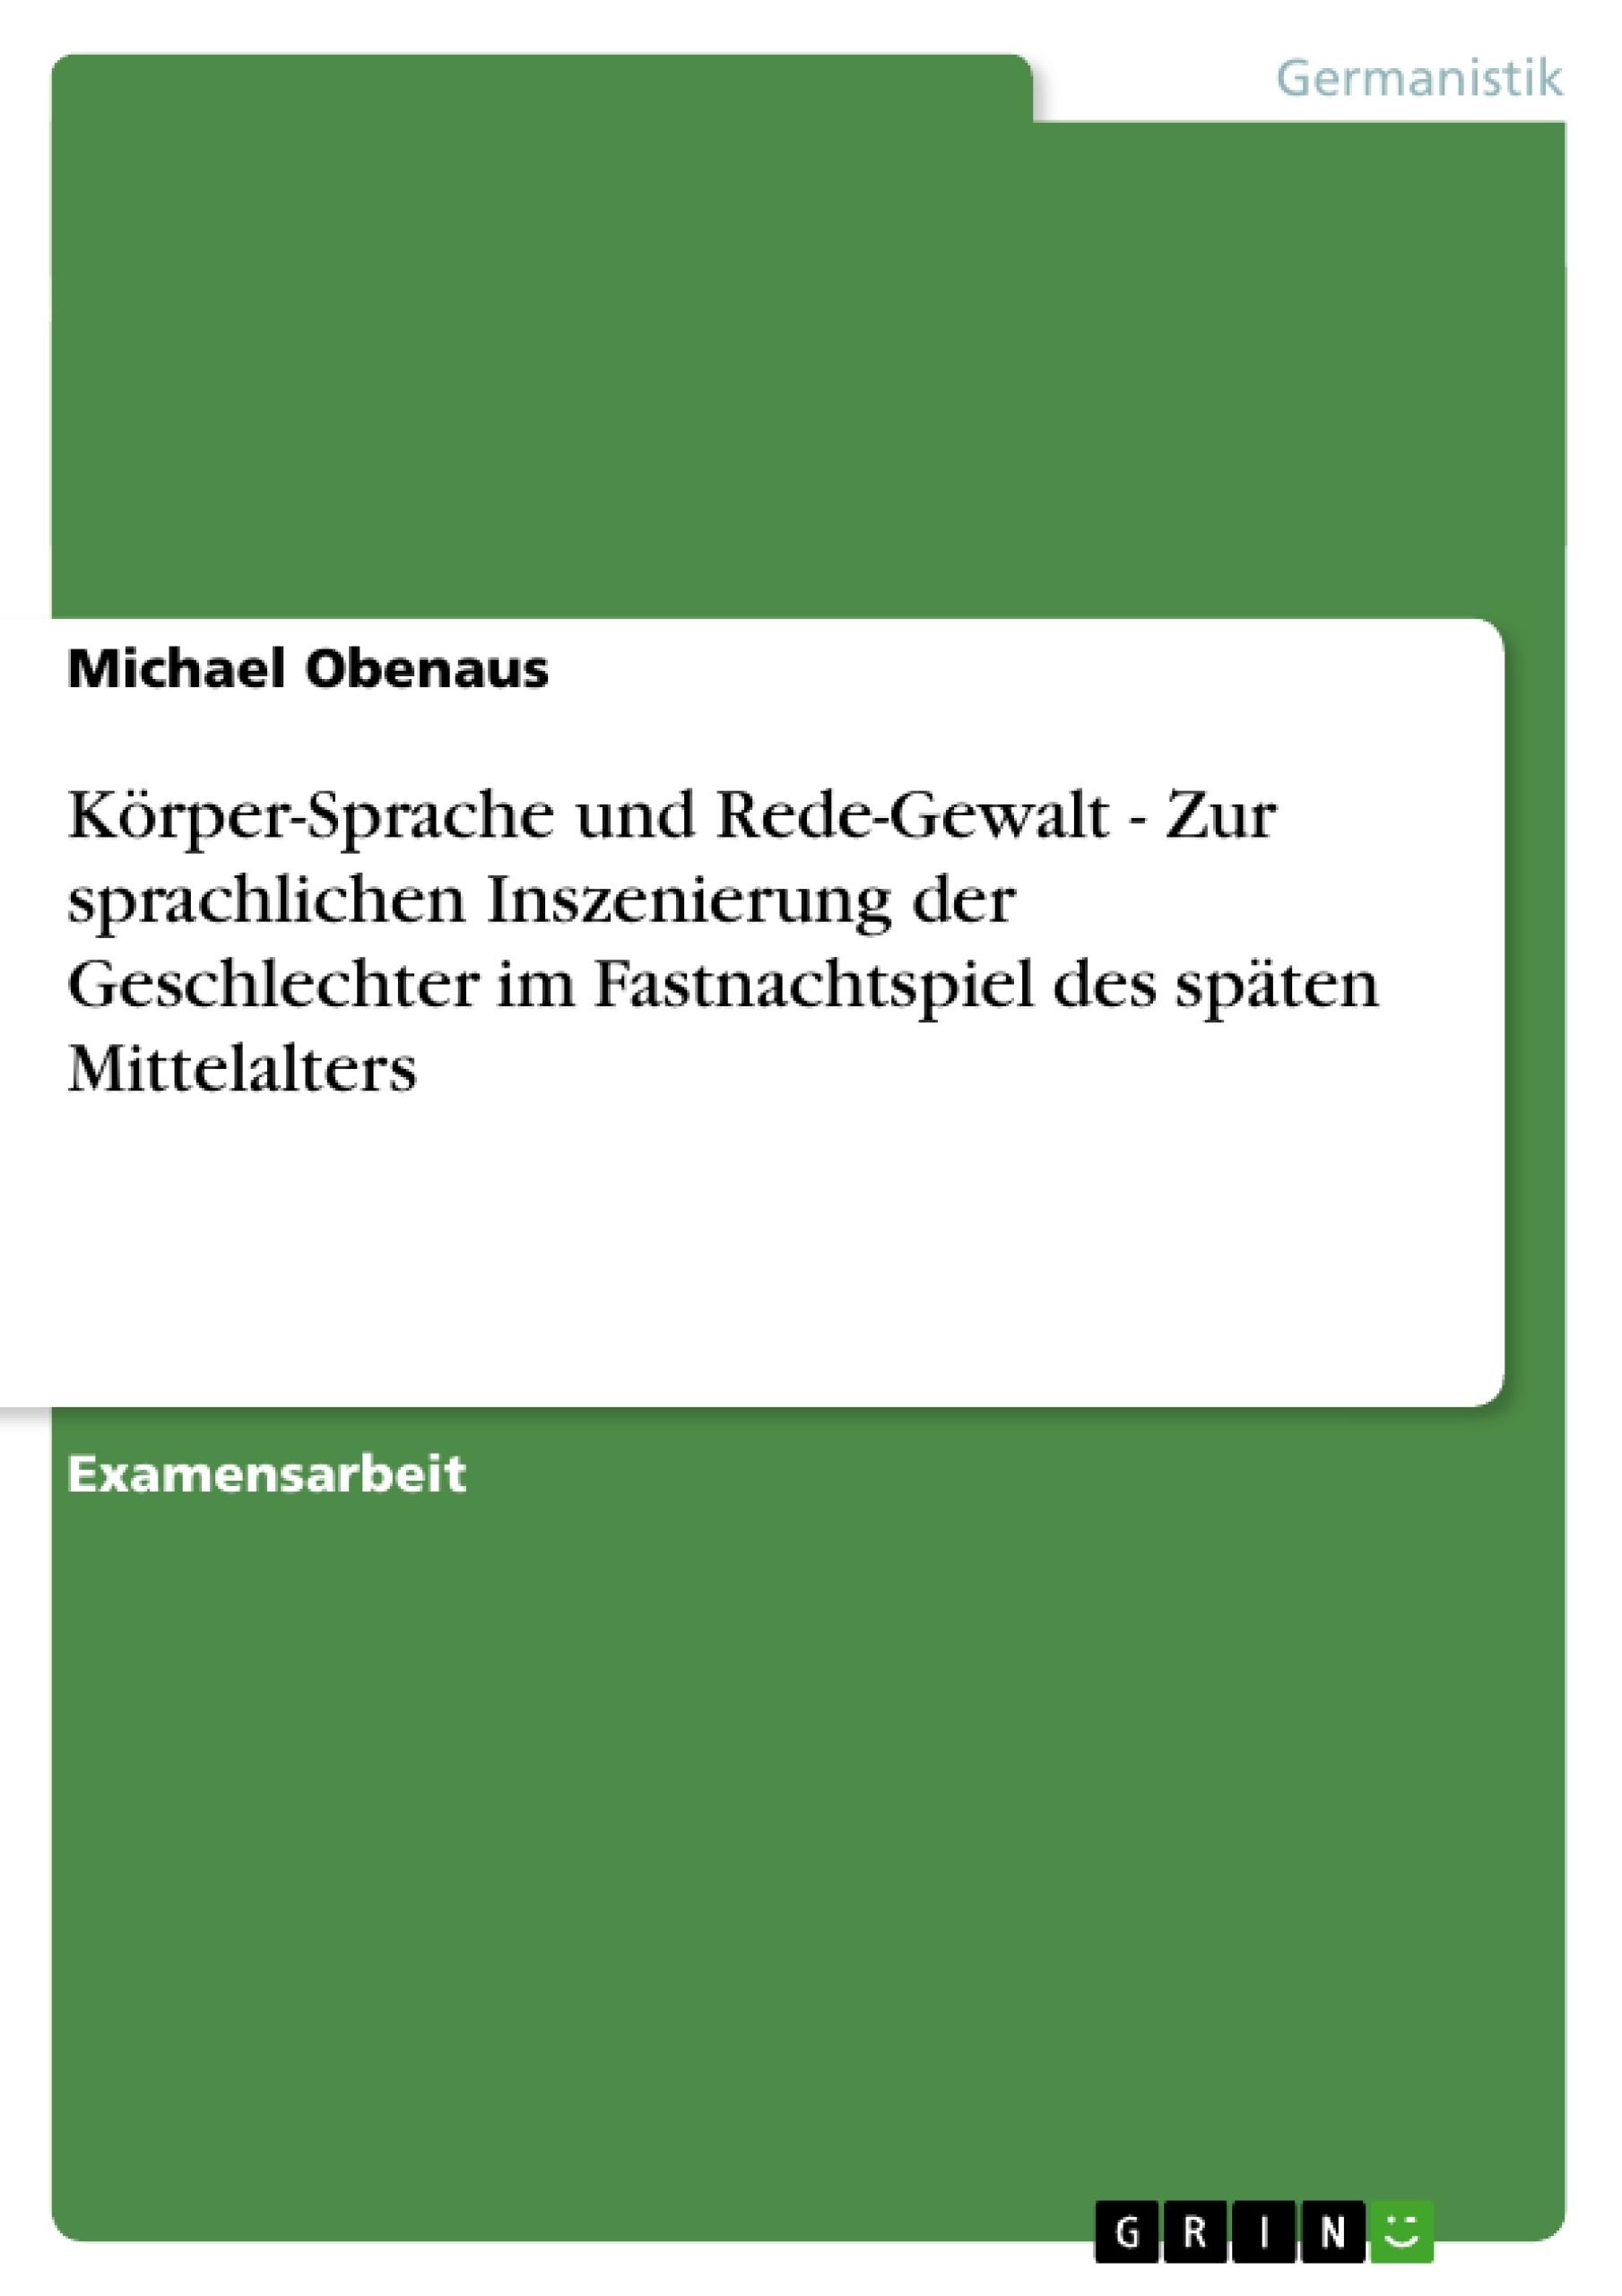 Titel: Körper-Sprache und Rede-Gewalt - Zur sprachlichen Inszenierung der Geschlechter im Fastnachtspiel des späten Mittelalters